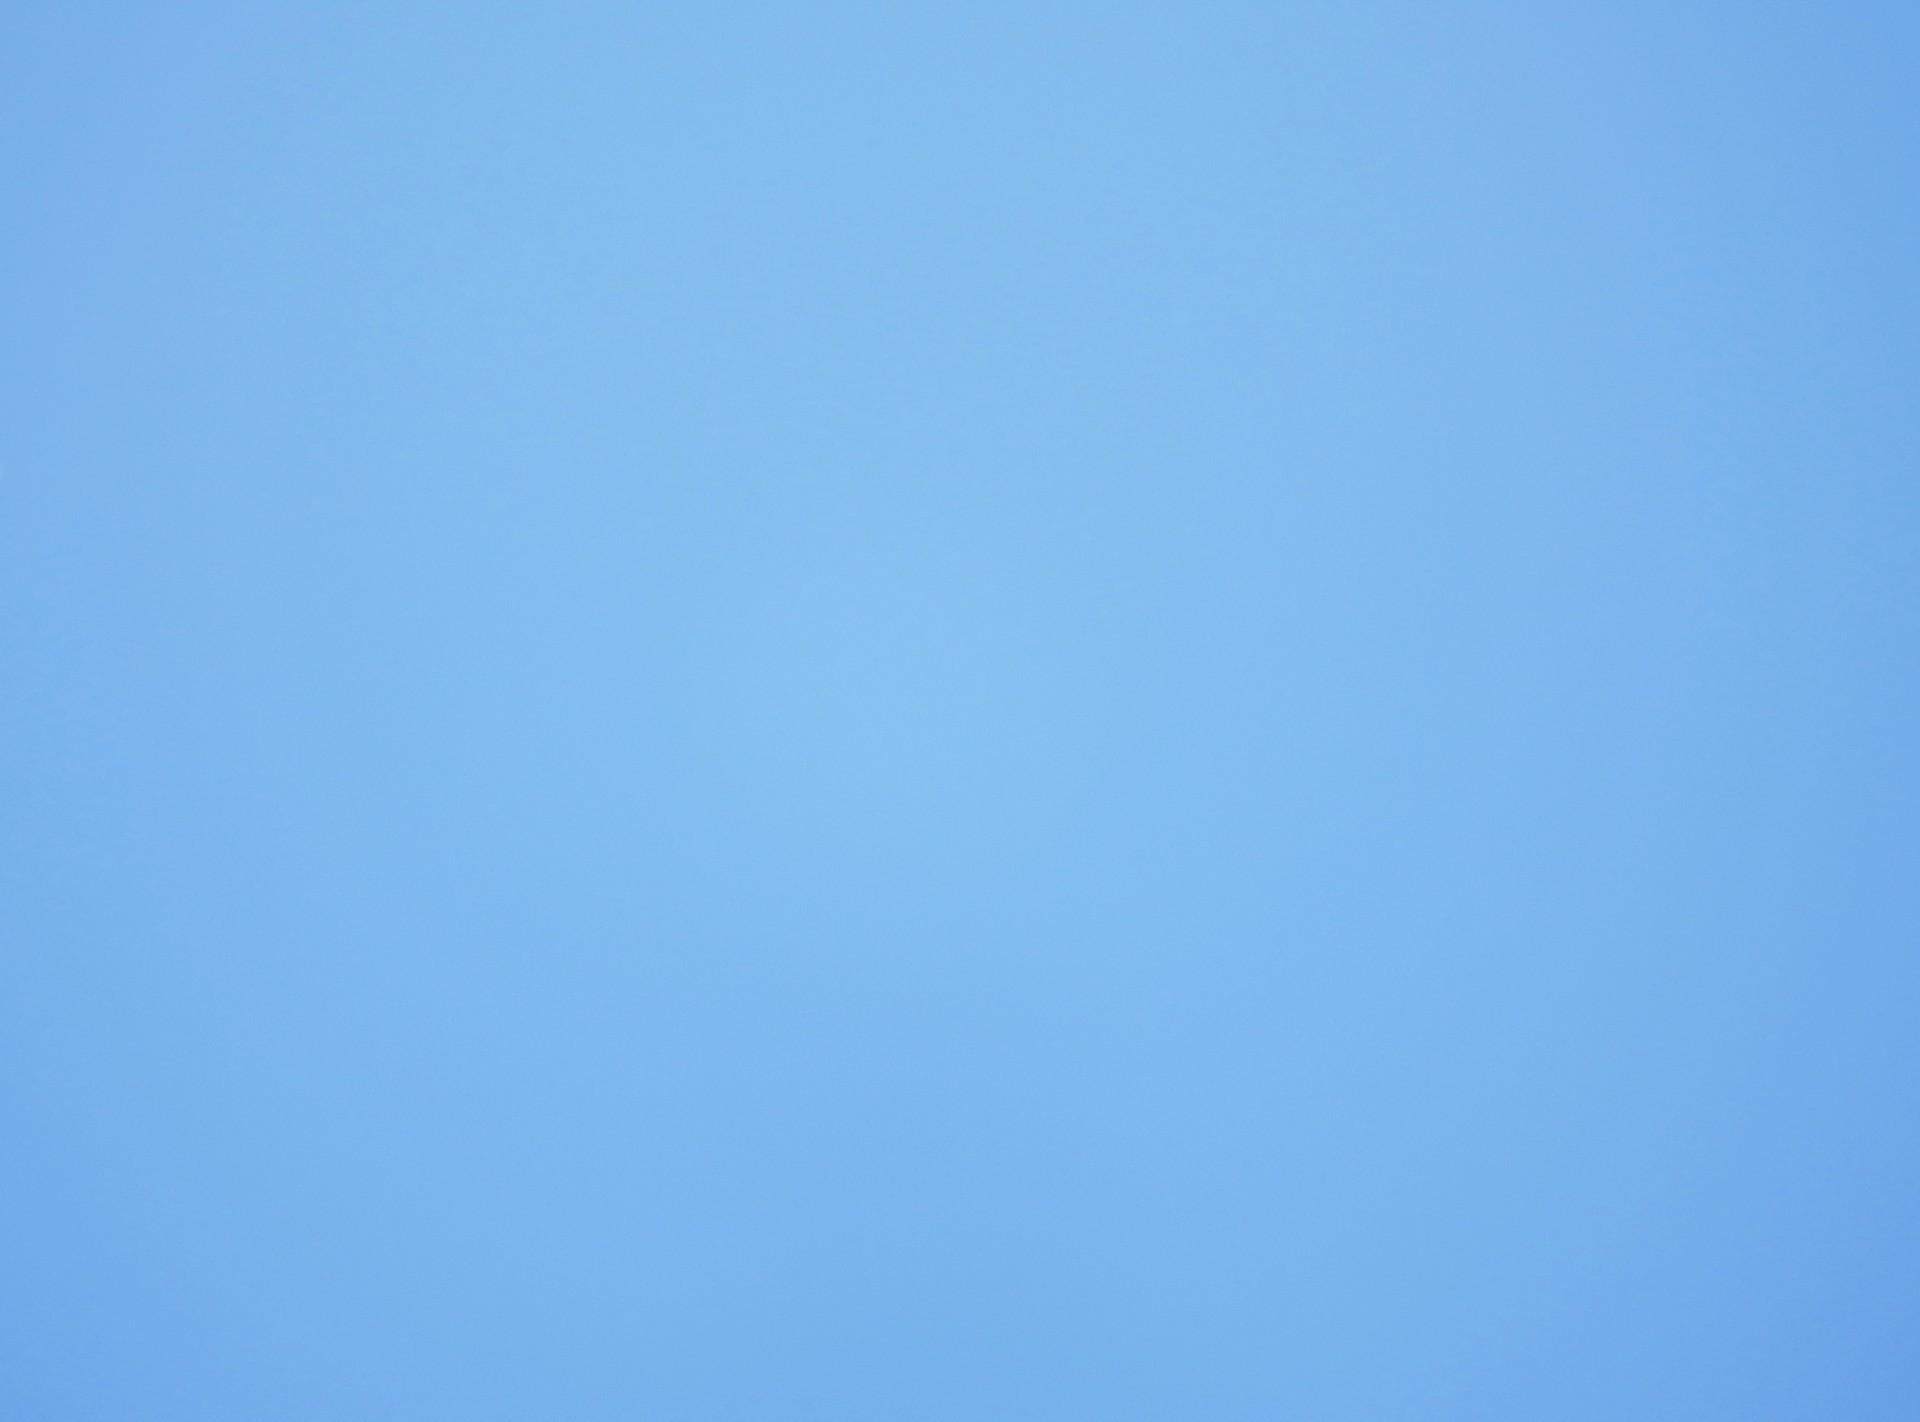 Wallpaper Windows 10 3d Sfondi Azzurro Chiaro 45 Immagini